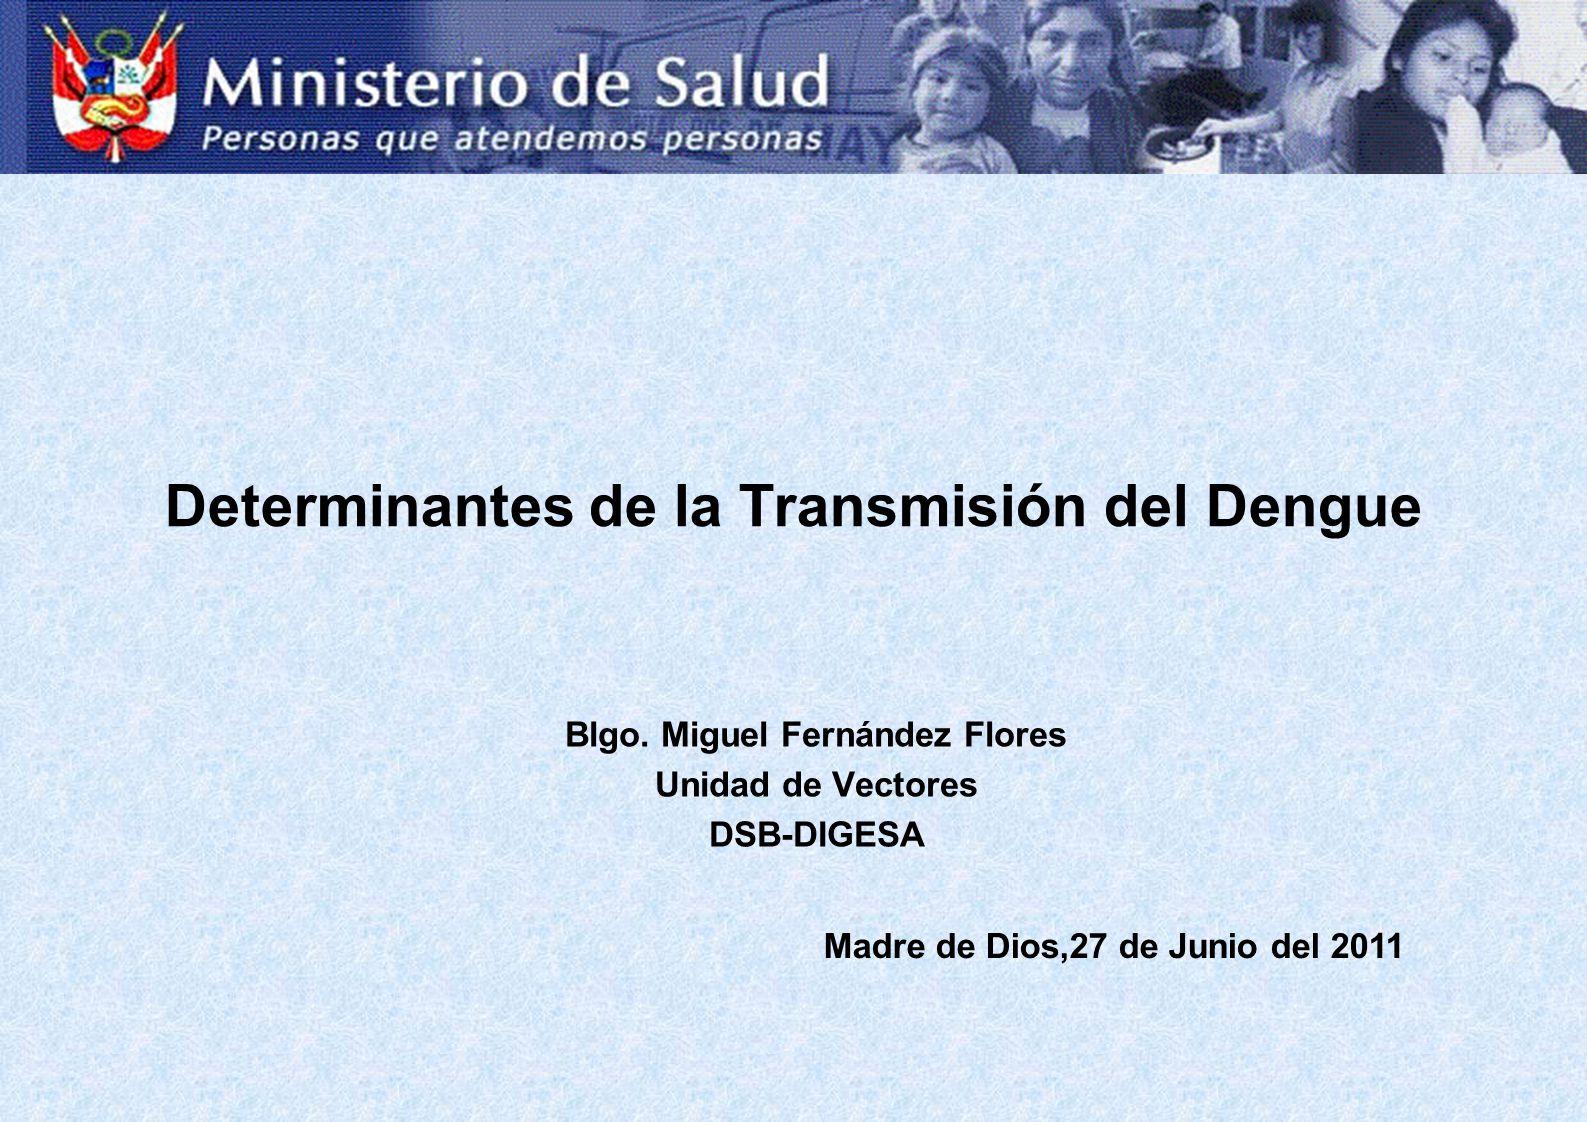 Determinantes de la Transmisión del Dengue Blgo. Miguel Fernández Flores Unidad de Vectores DSB-DIGESA Madre de Dios,27 de Junio del 2011